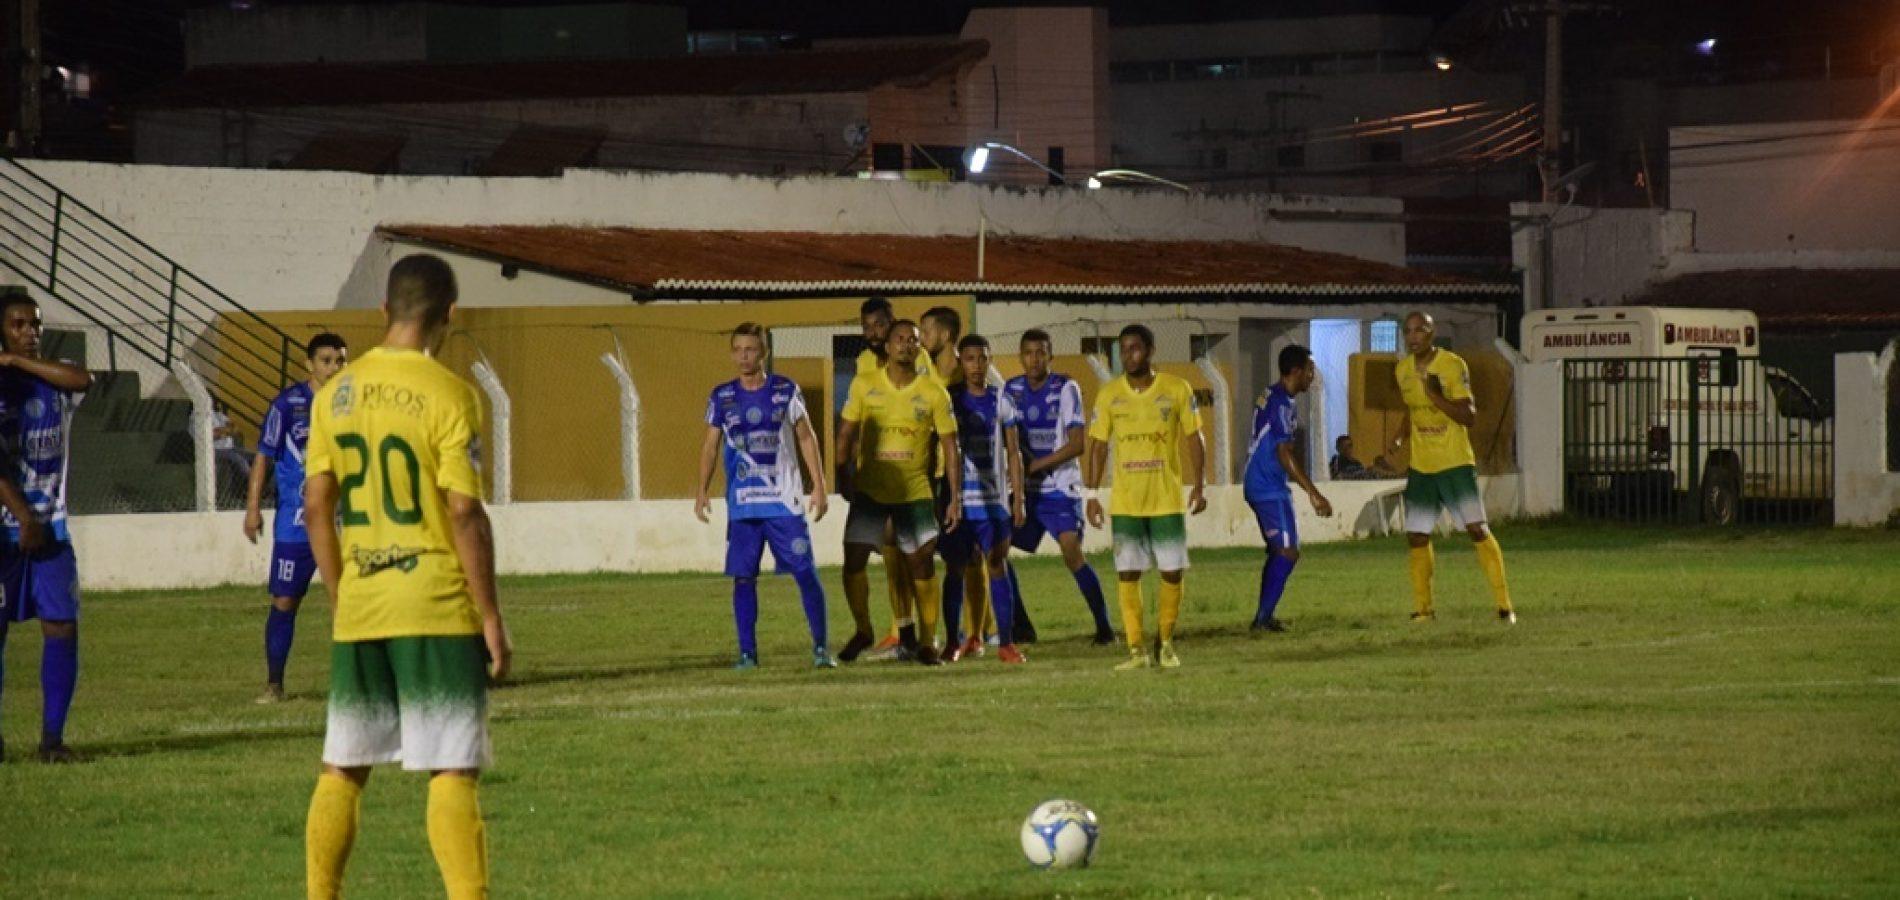 PICOS | Em amistoso, nova equipe da Sep goleia time do Crato-CE em 3 a 0